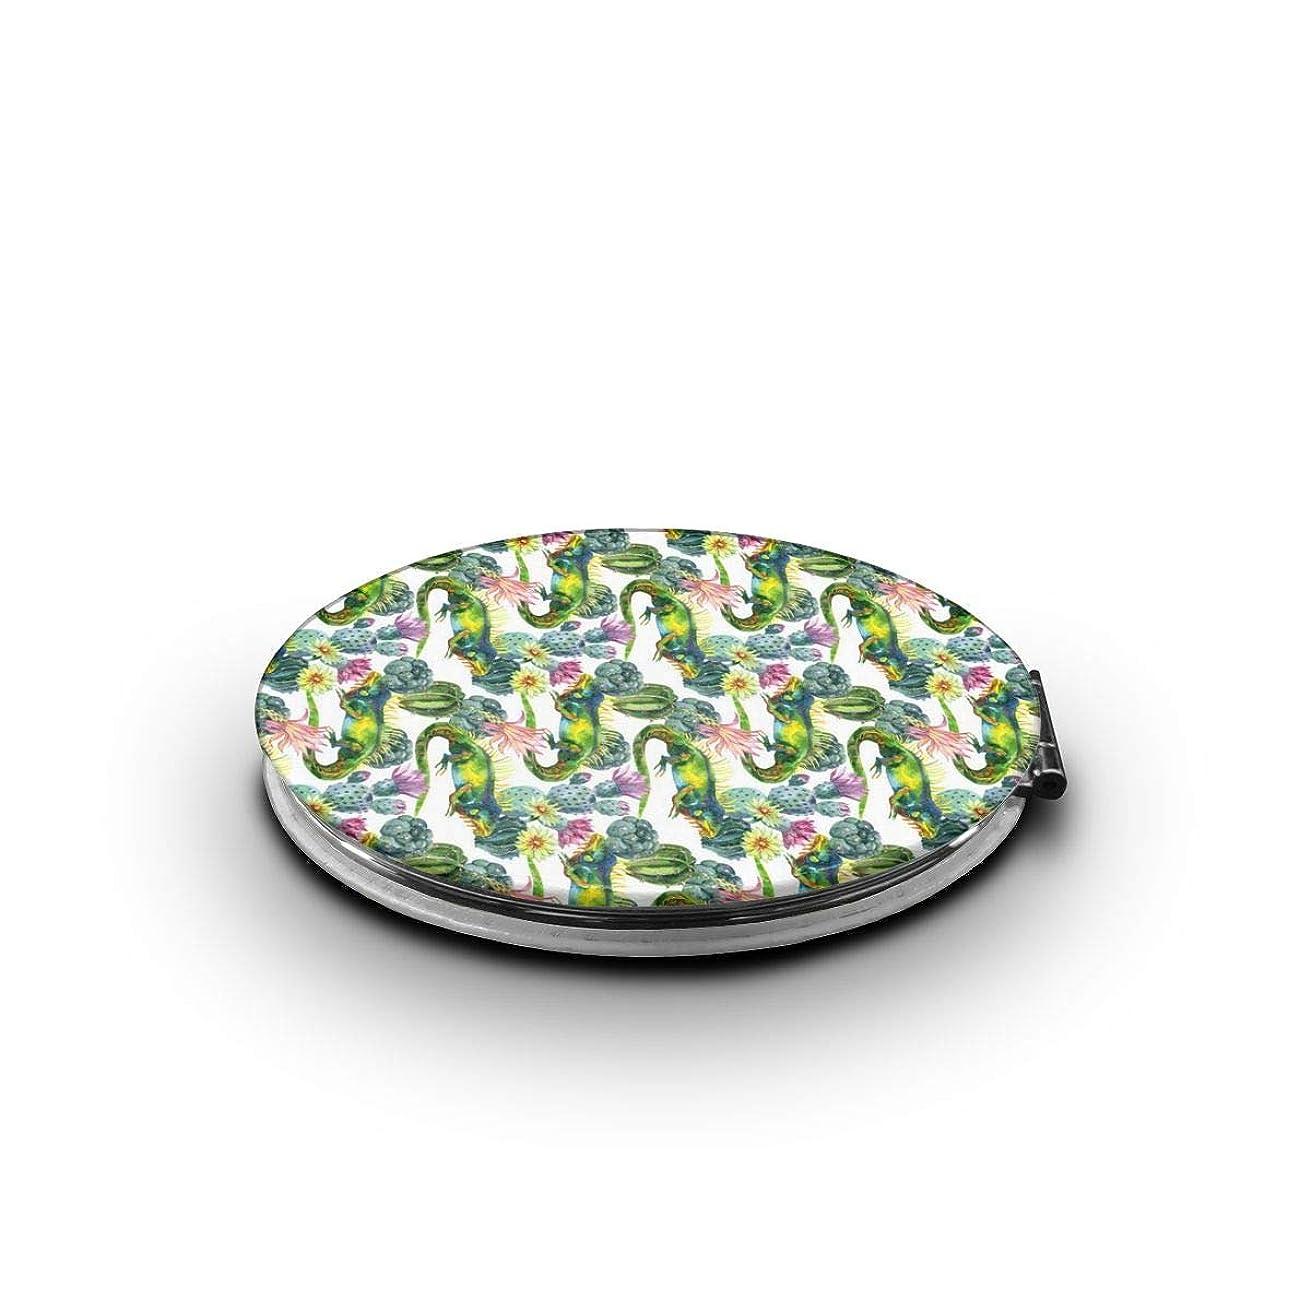 浴室活性化する振幅ミラー 化粧鏡 サボテントカゲパターン コンパクトミラー 軽量 丸型 折りたたみ鏡